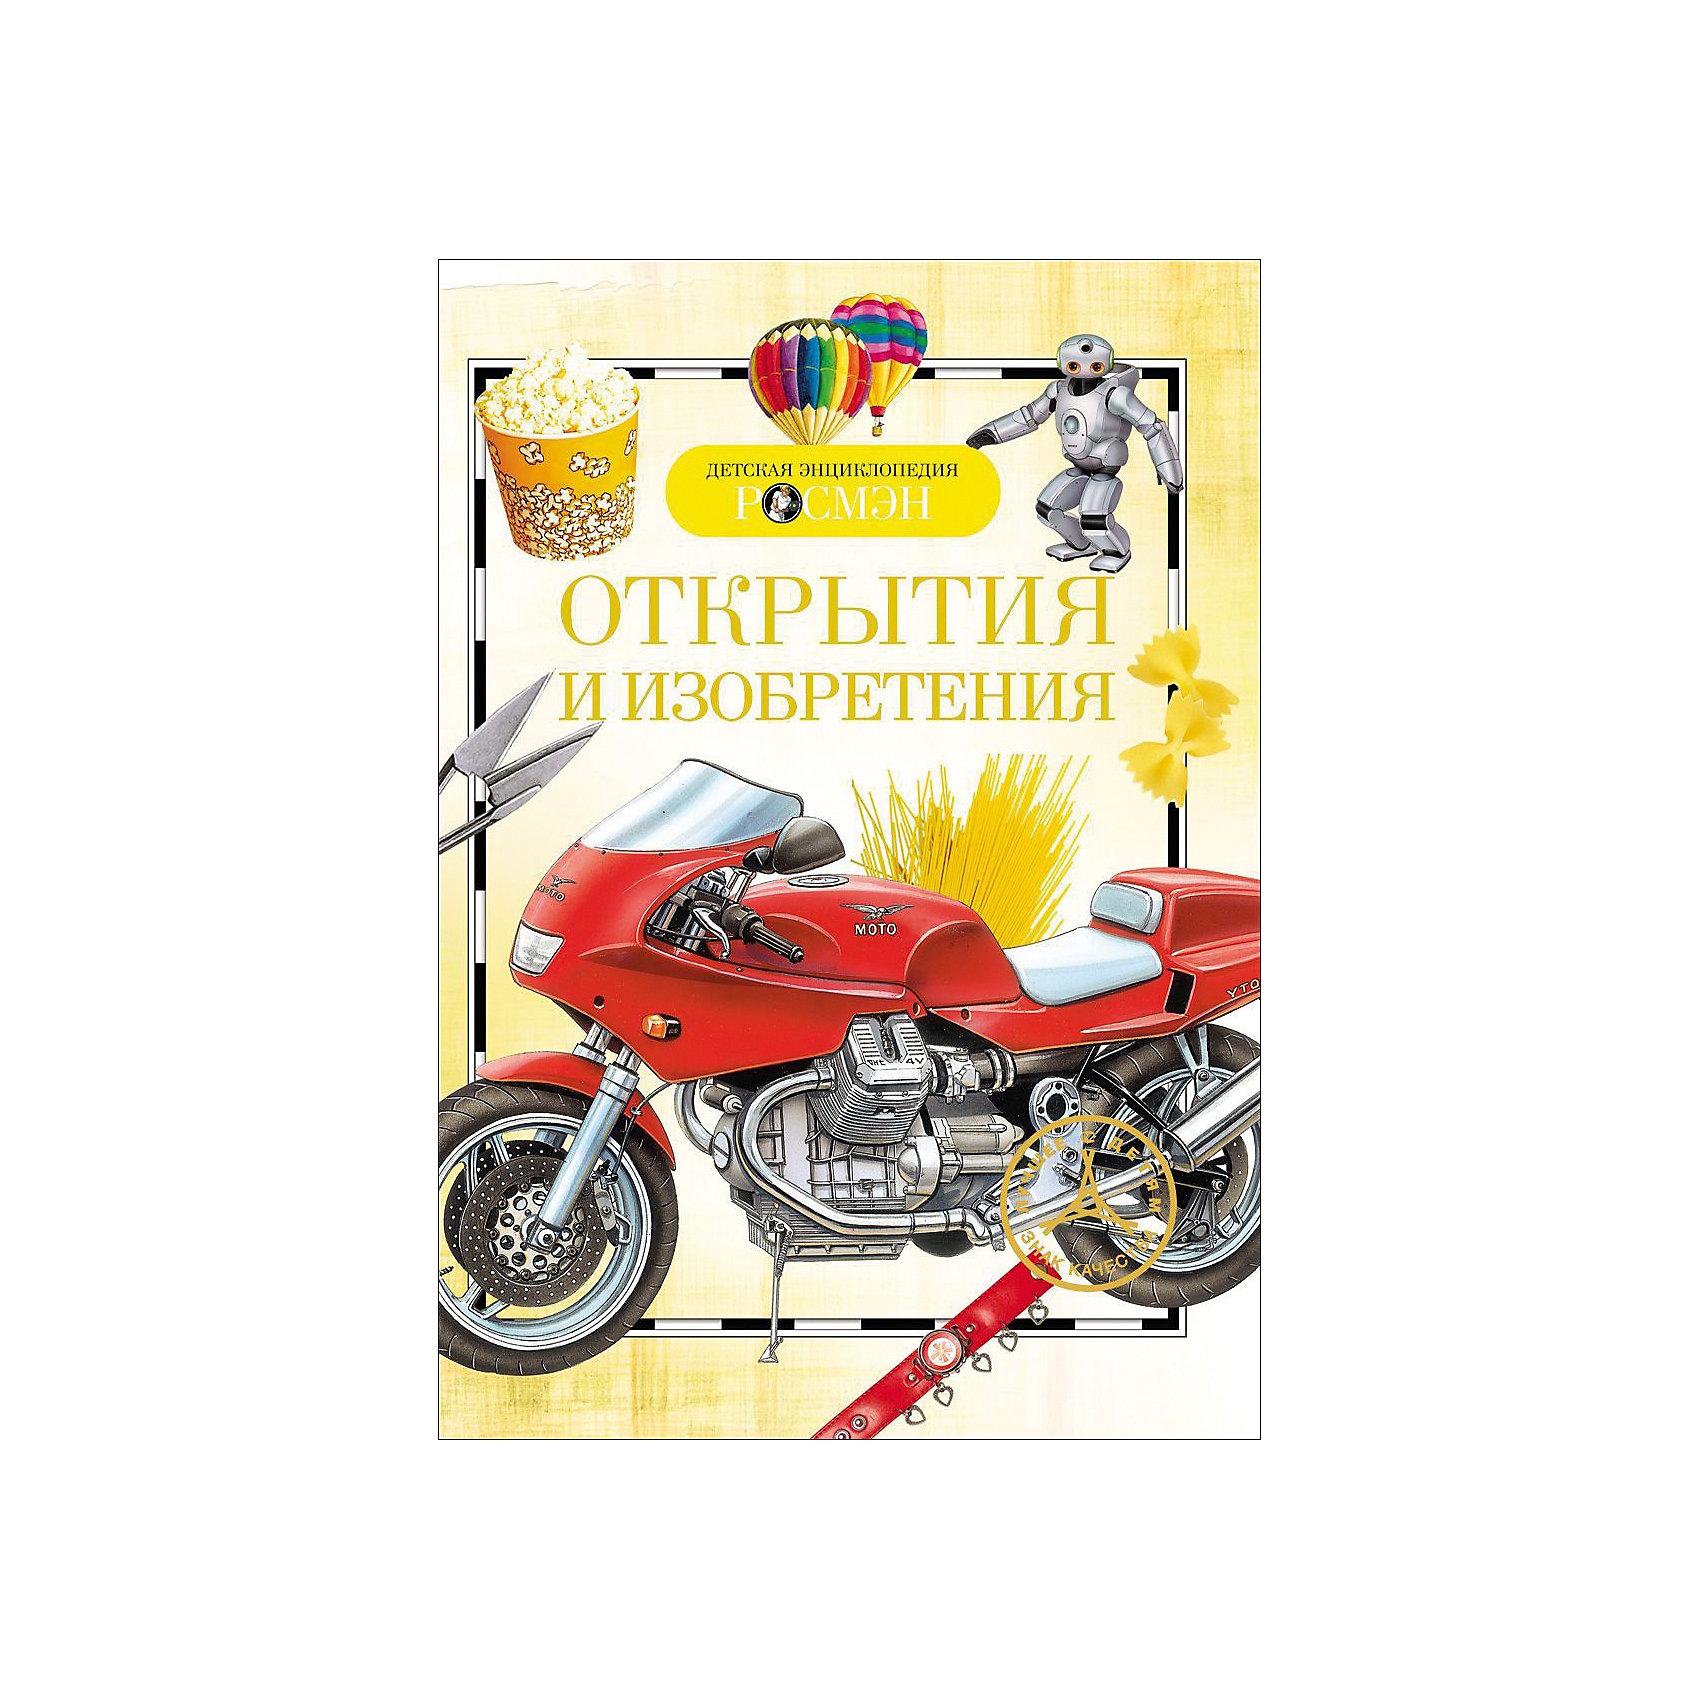 Росмэн Открытия и изобретения росмэн детская энциклопедия открытия и изобретения